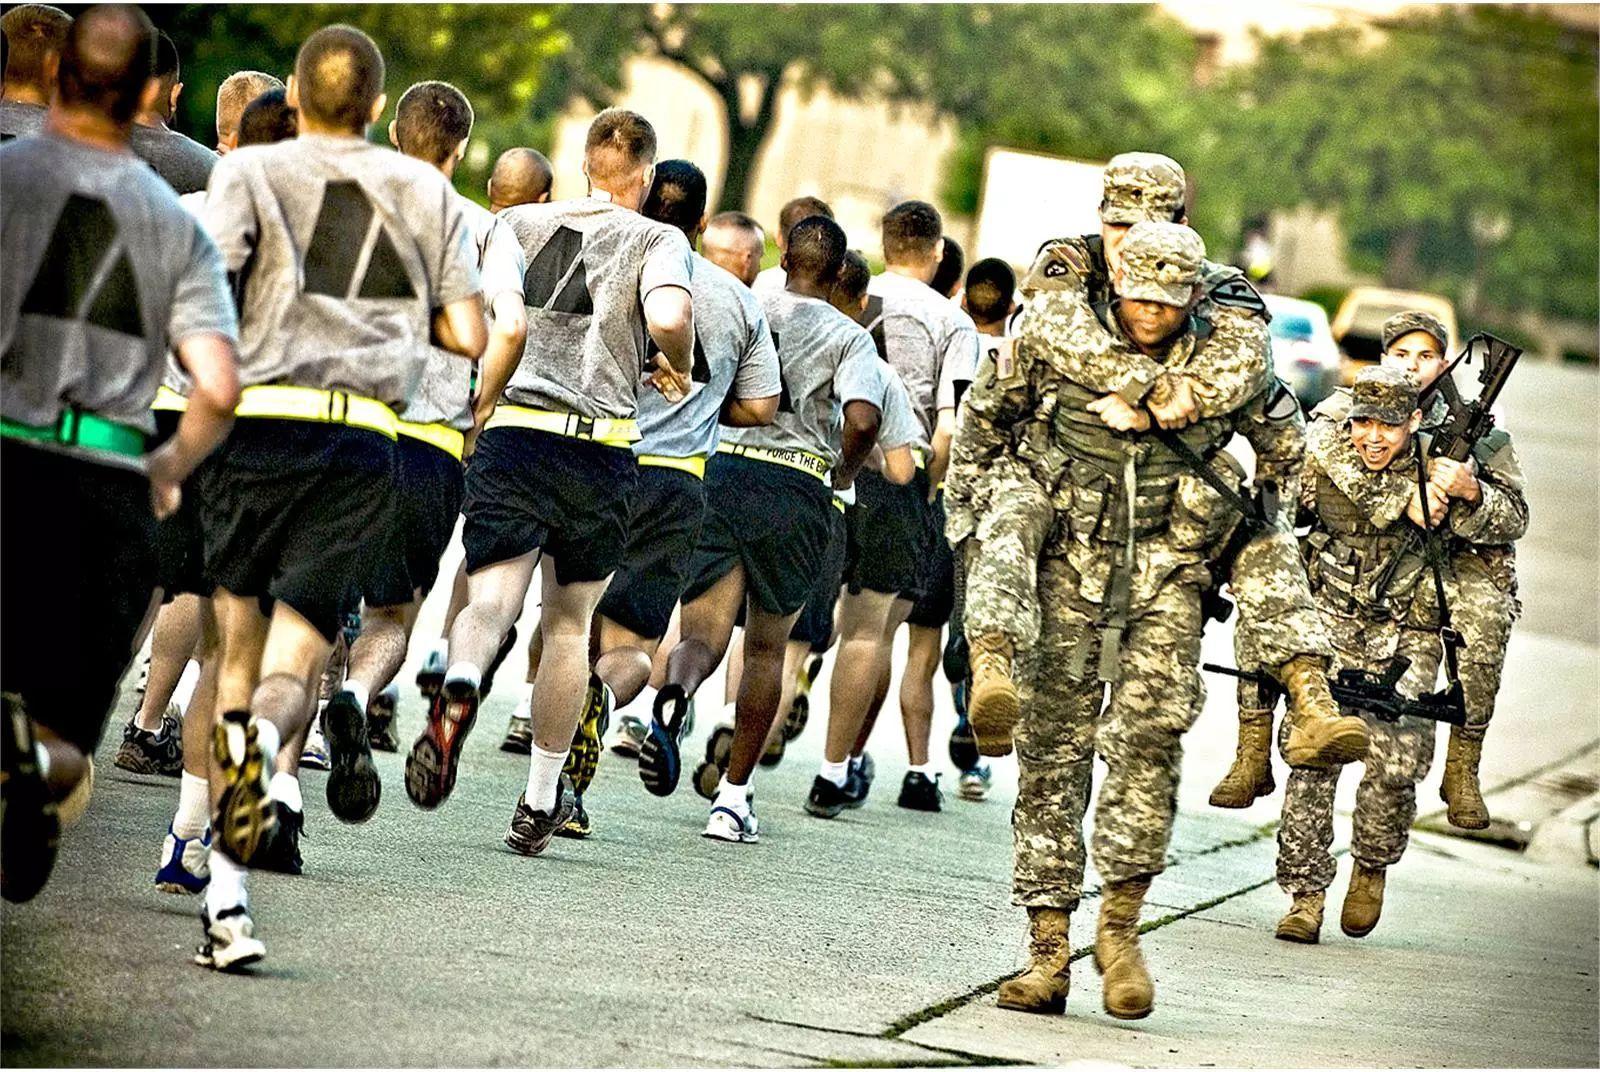 美国空军招兵_世界第一军事强国招兵难:年轻人体质差许多人不适合当兵